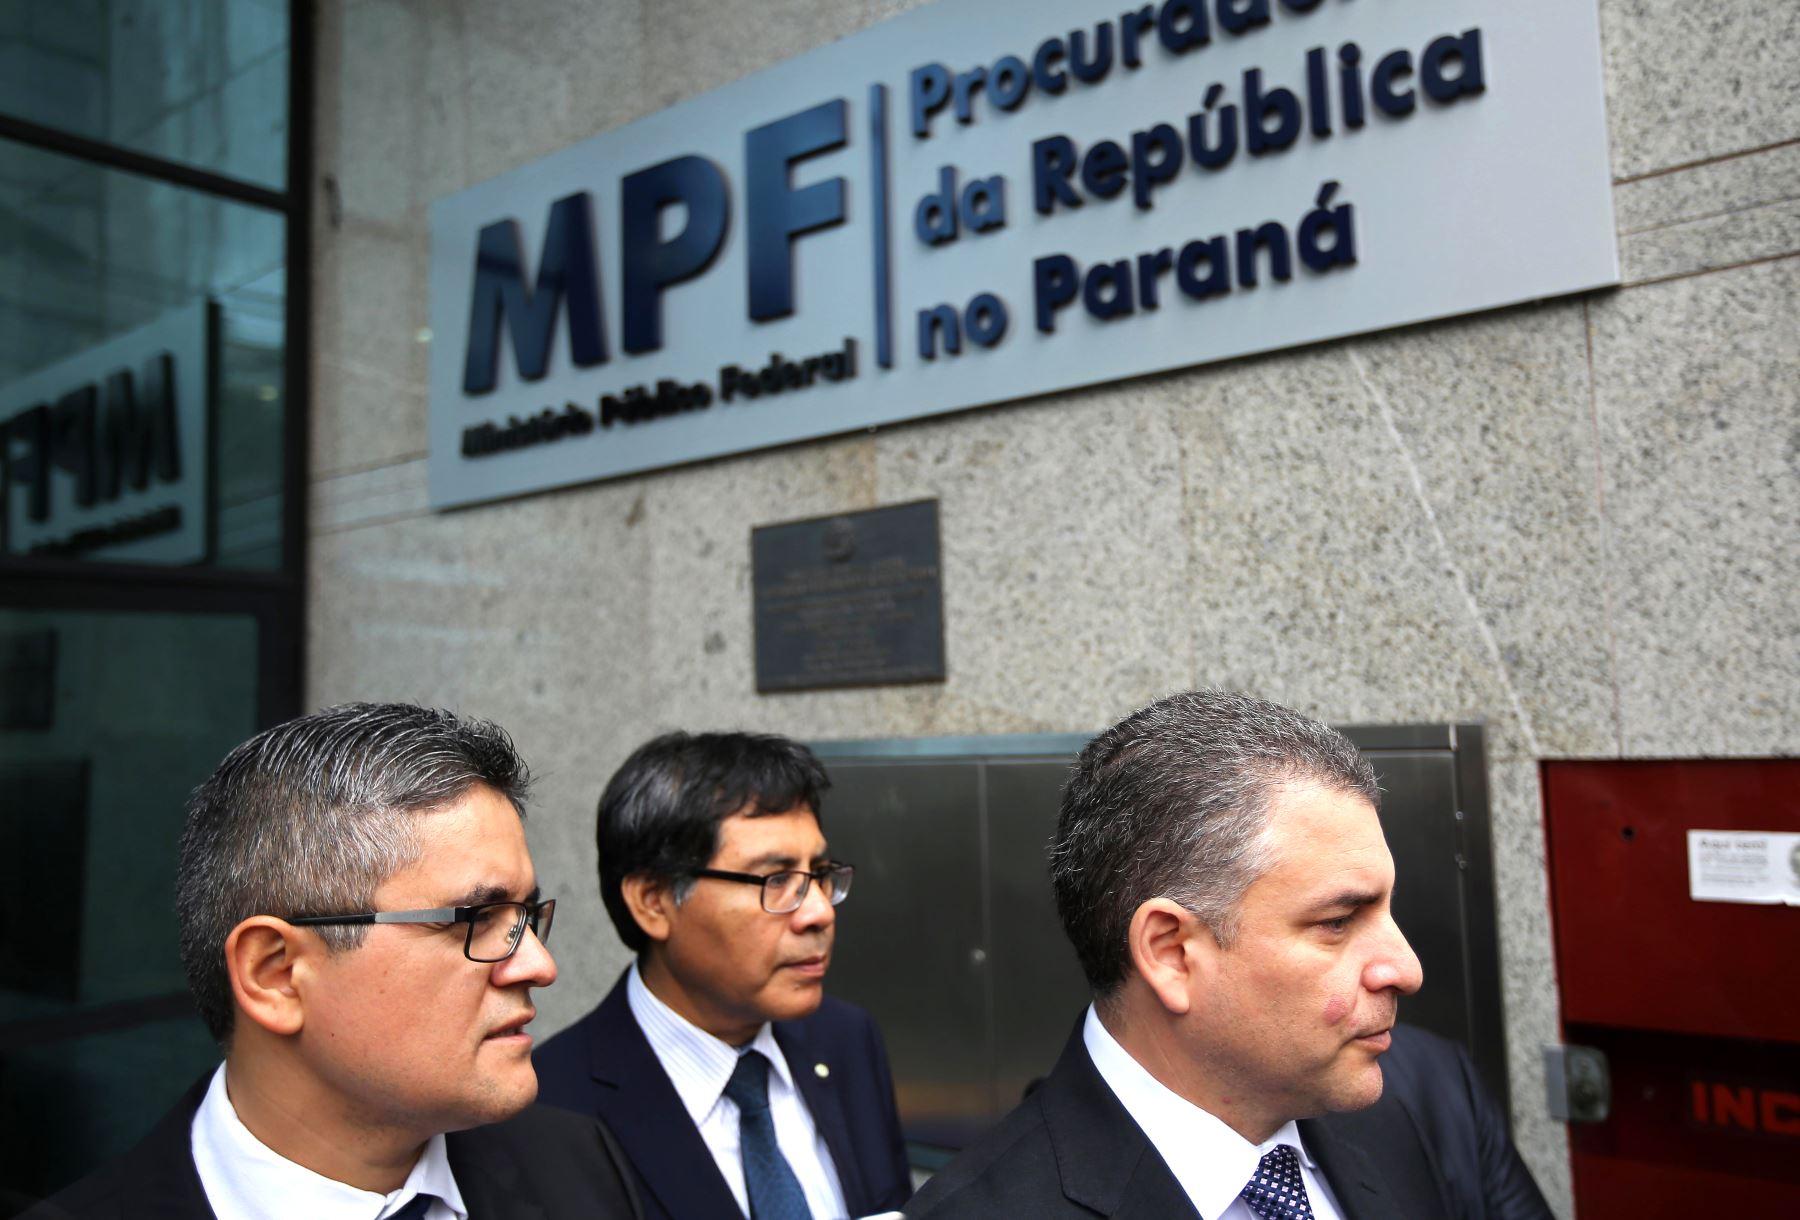 Los fiscales peruanos José Domingo Pérez, Germán Juárez y Rafael Vela abandonan el Ministerio Público Federal en Curitiba, Brasil. Foto: AFP